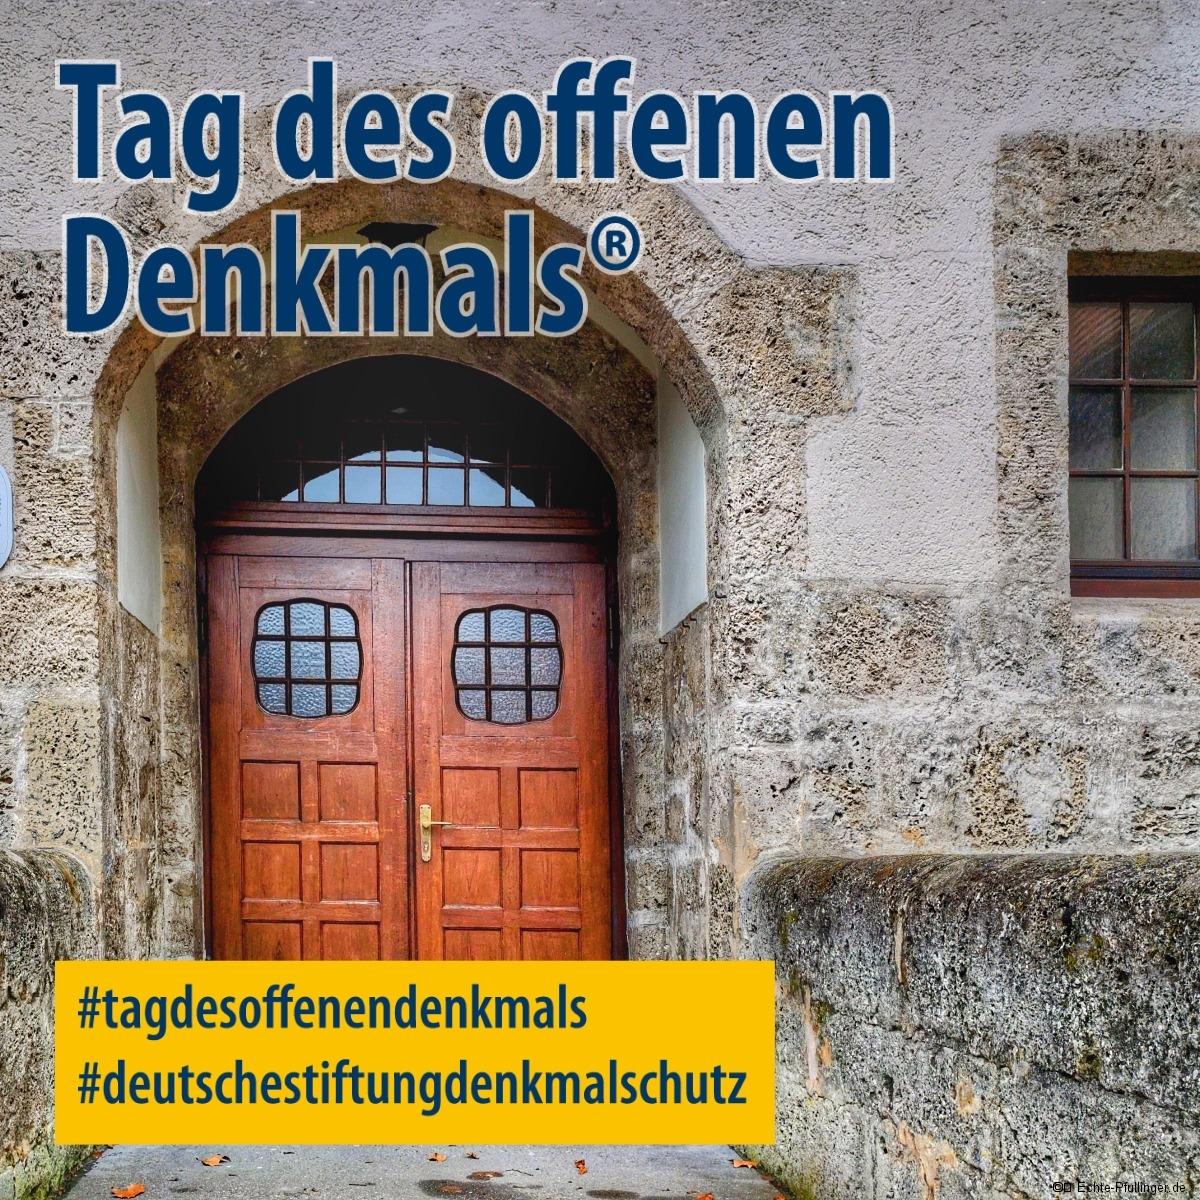 IMG_20201229_1040483442-01-tag_des_offenen_denkmals-facebook